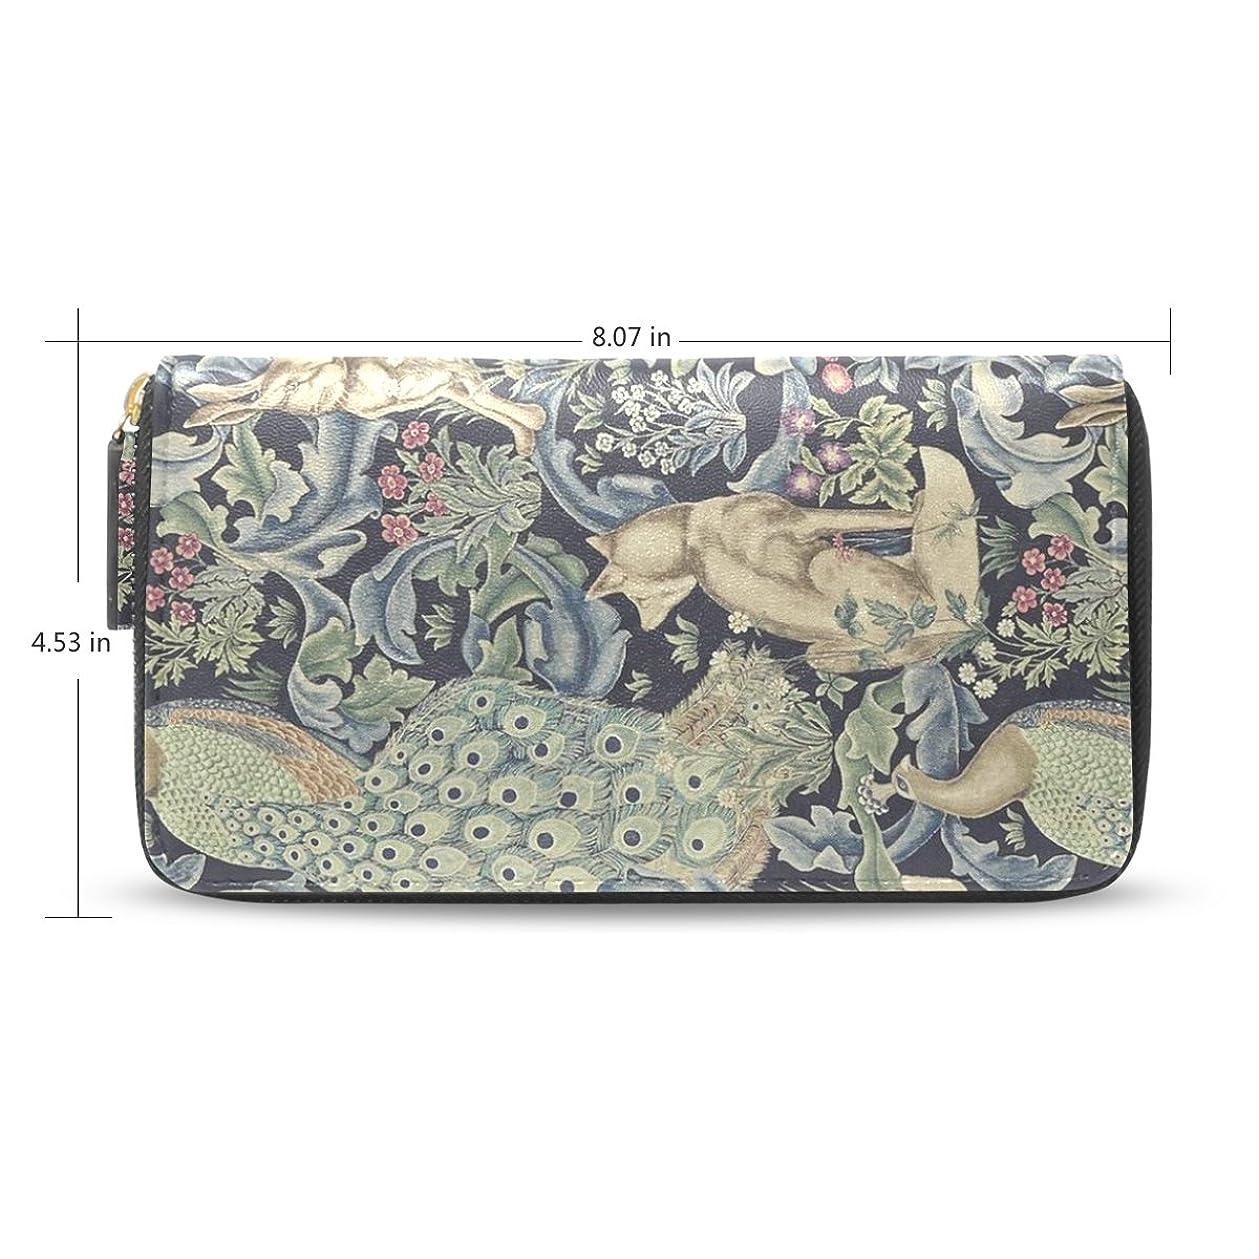 専門用語出発する酸素baihuishop ACCESSORY レディース US サイズ: 8.07x4.53 inches カラー: マルチカラー